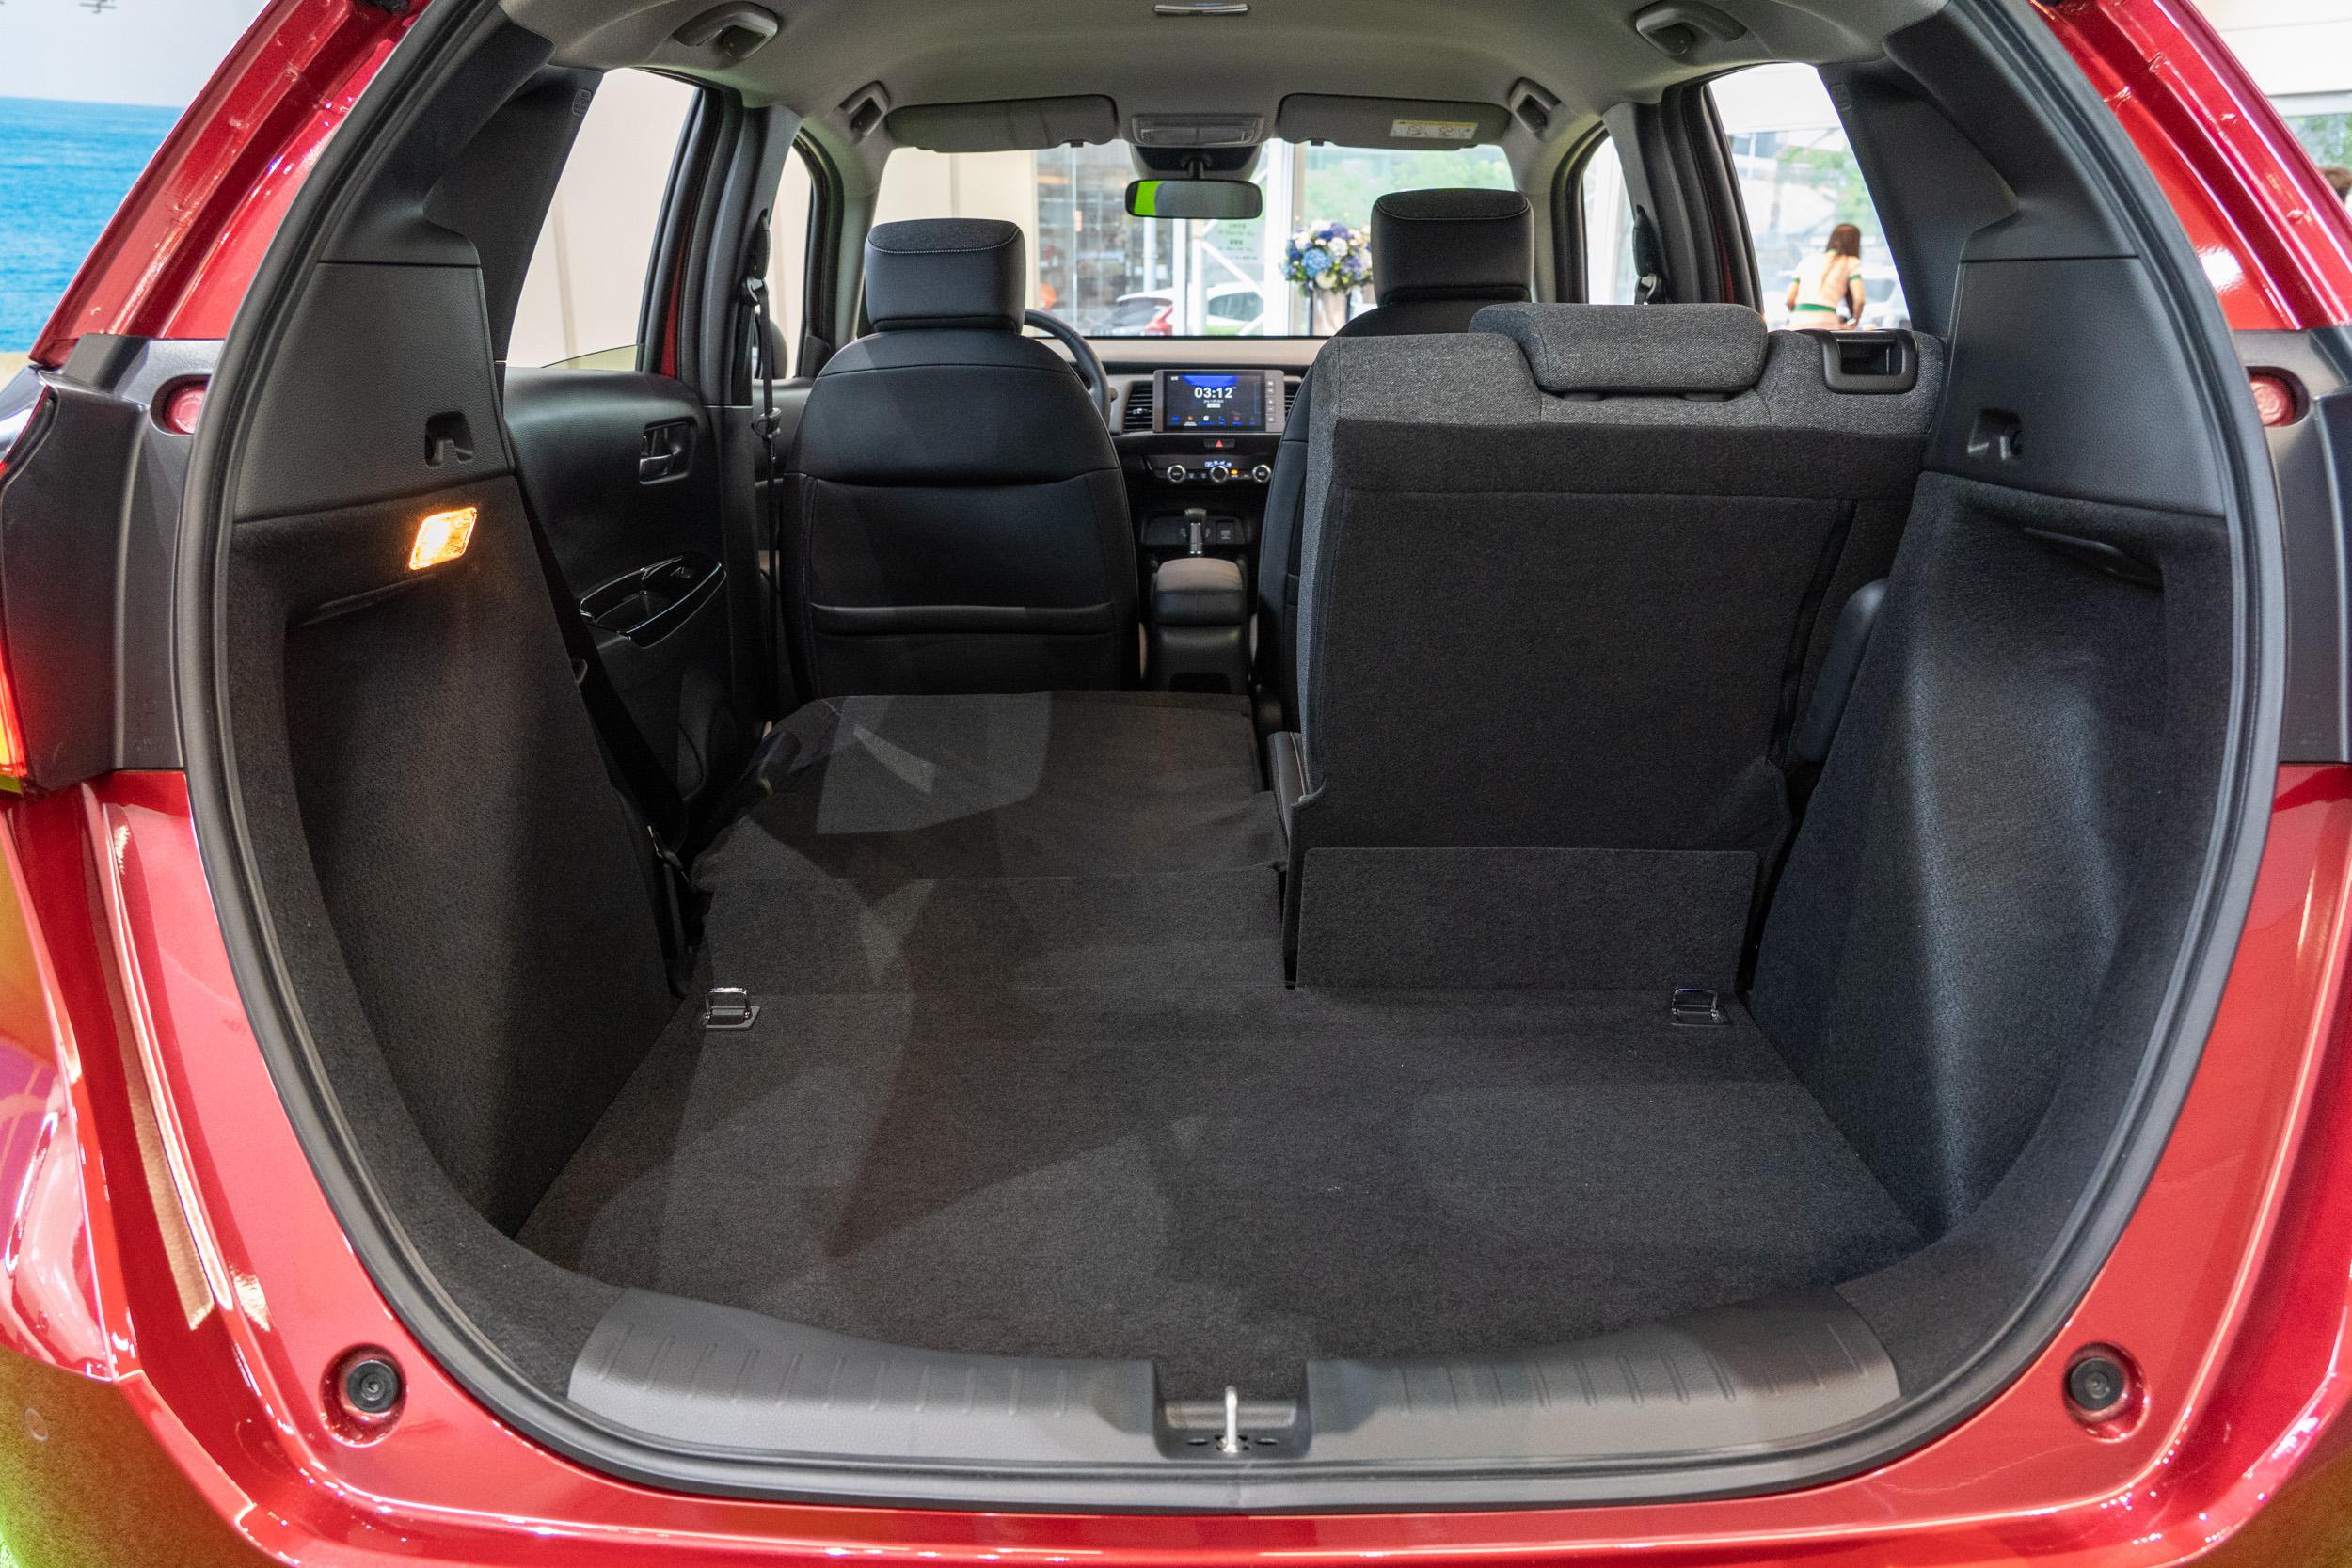 特別把尾廂開口造型設計為「中廣型」,中央處開口最大,更利於物品的拿取便利度與省力性考量。